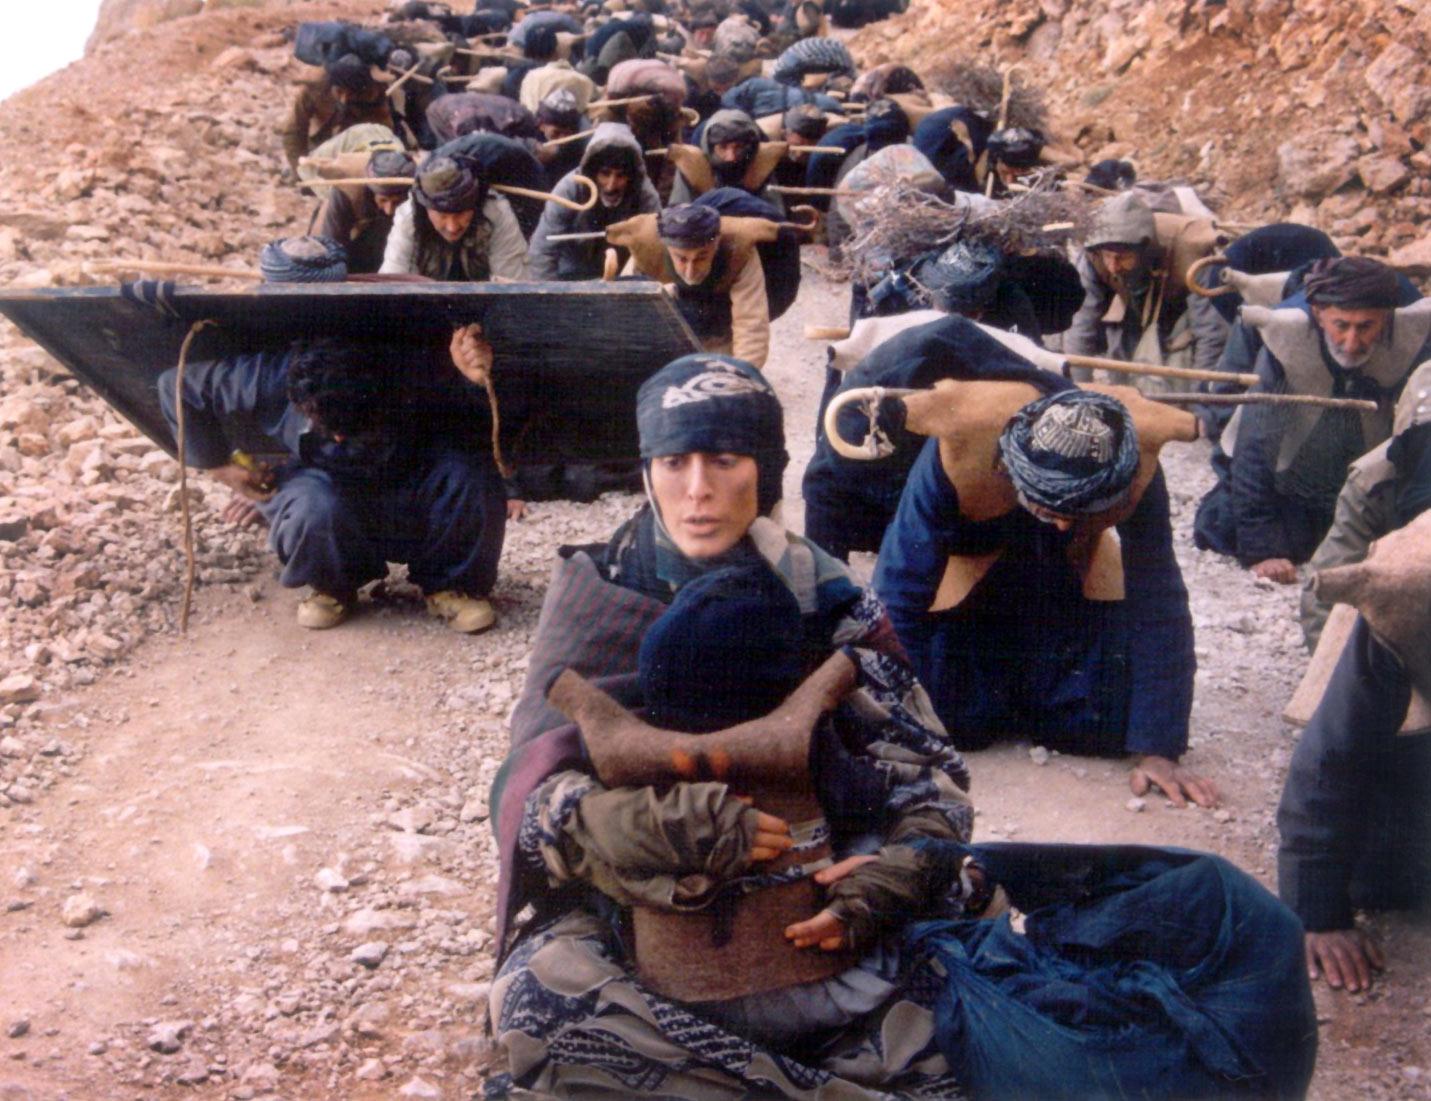 Một cảnh trong phim Blackboards (Những tấm bảng đen, 2000) của nữ đạo diễn người Iran Samira Makhmalbaf. Nguồn: INT